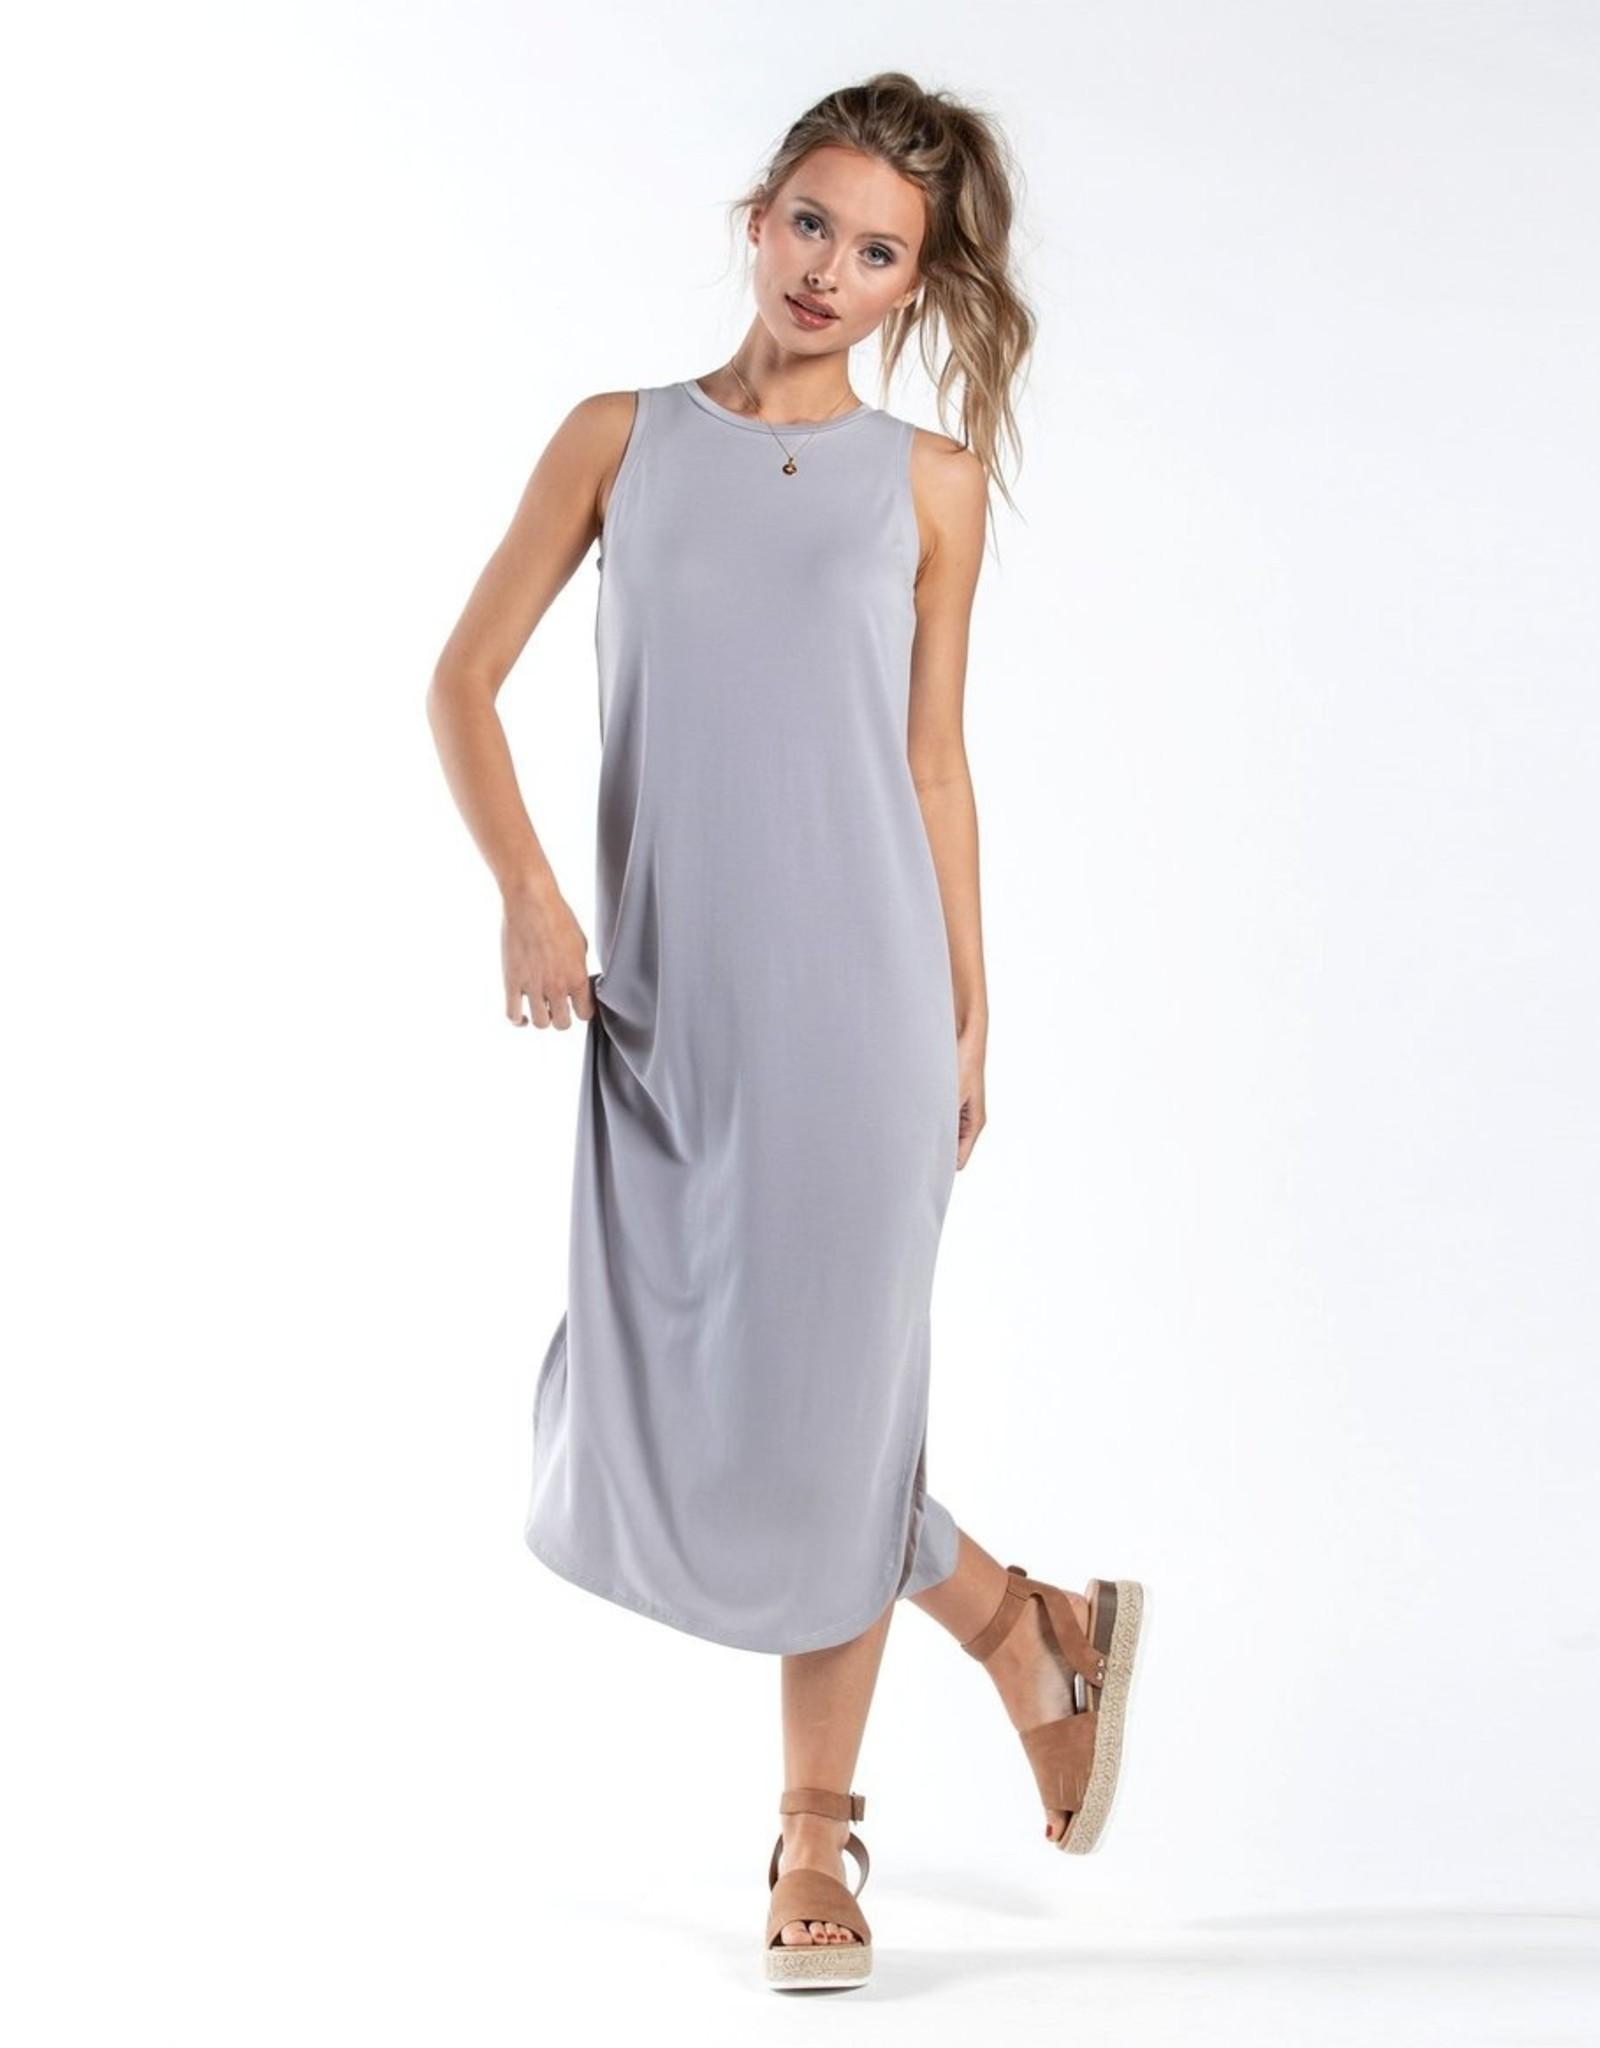 Southern Shirt Modal Midi Dress